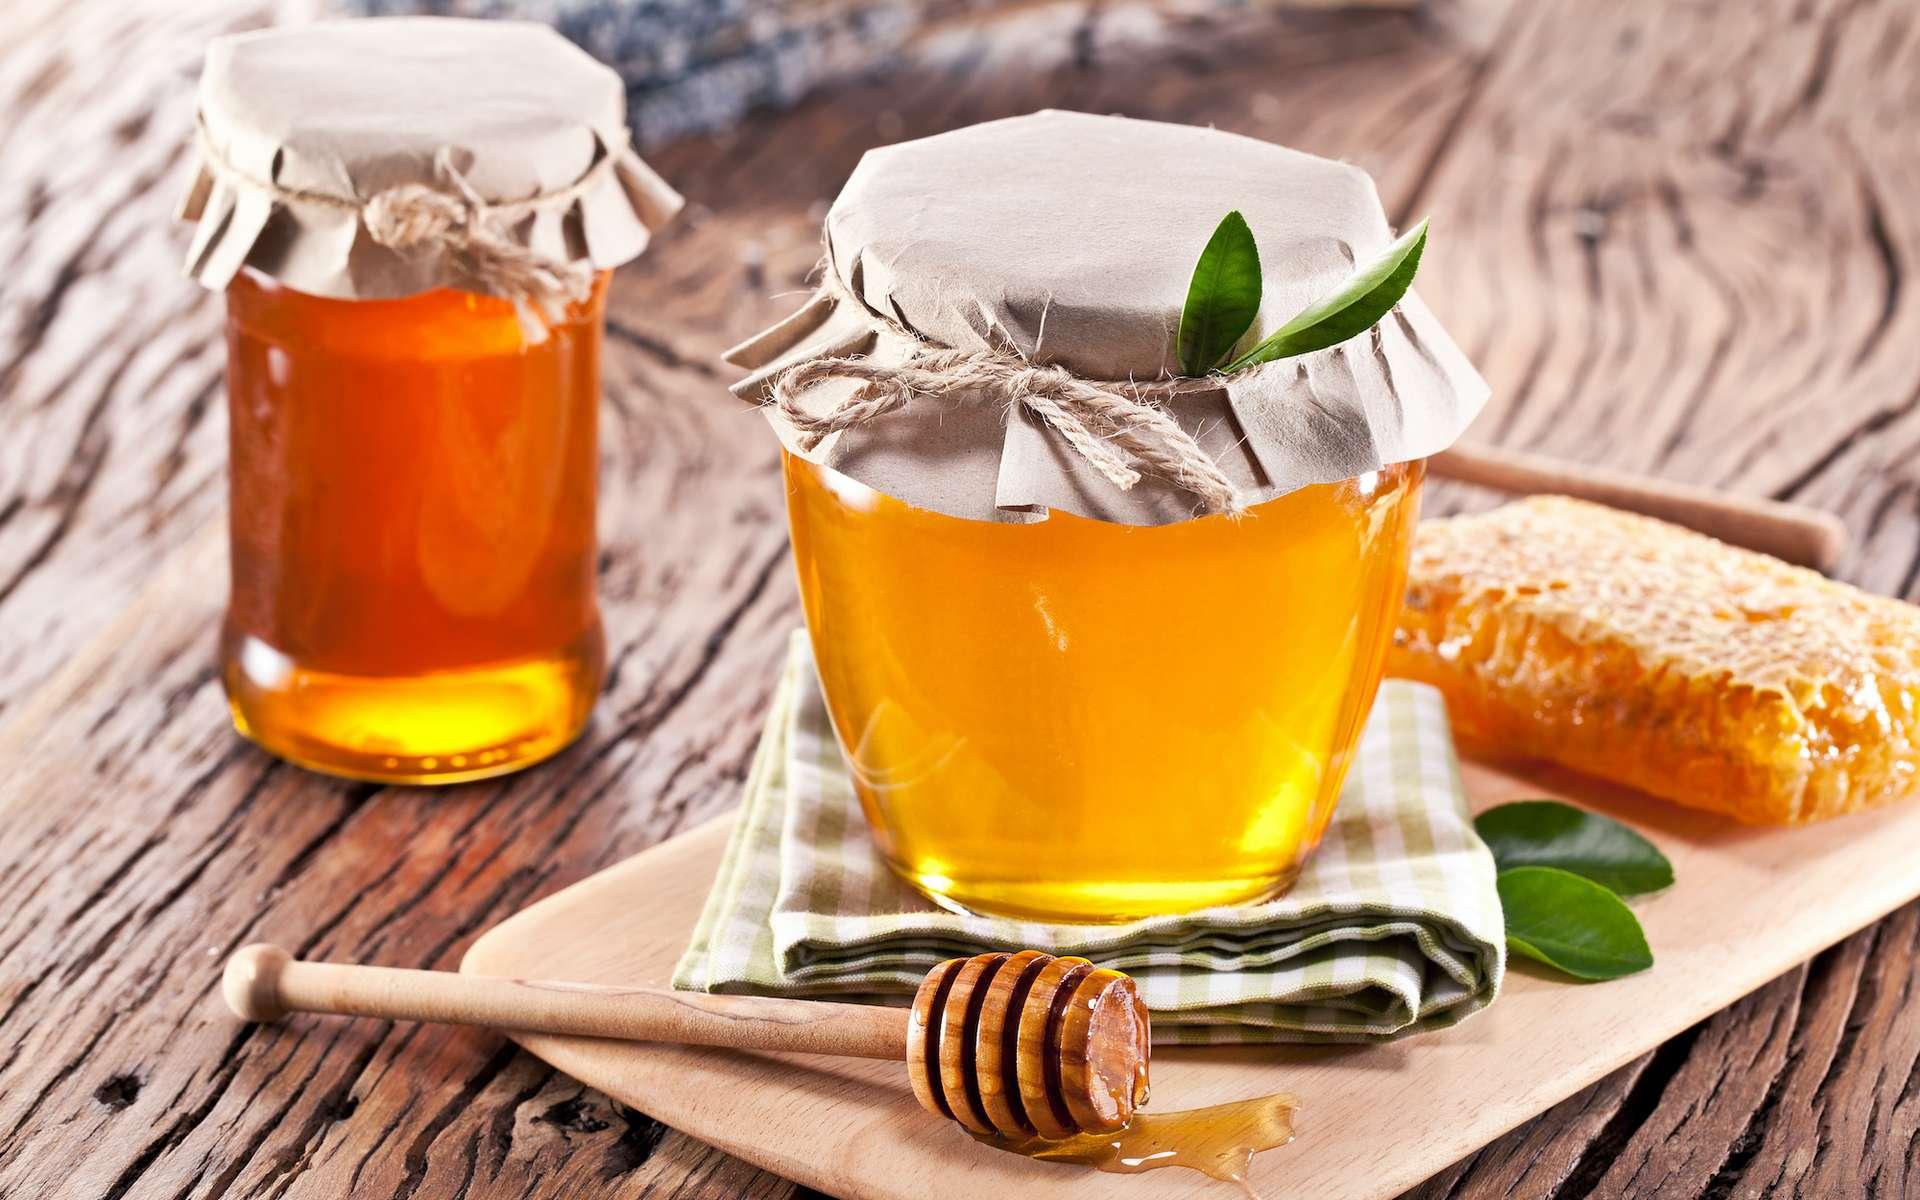 Miel naturel et miel trafiqué : comment faire la différence ? © volff, Adobe Stock